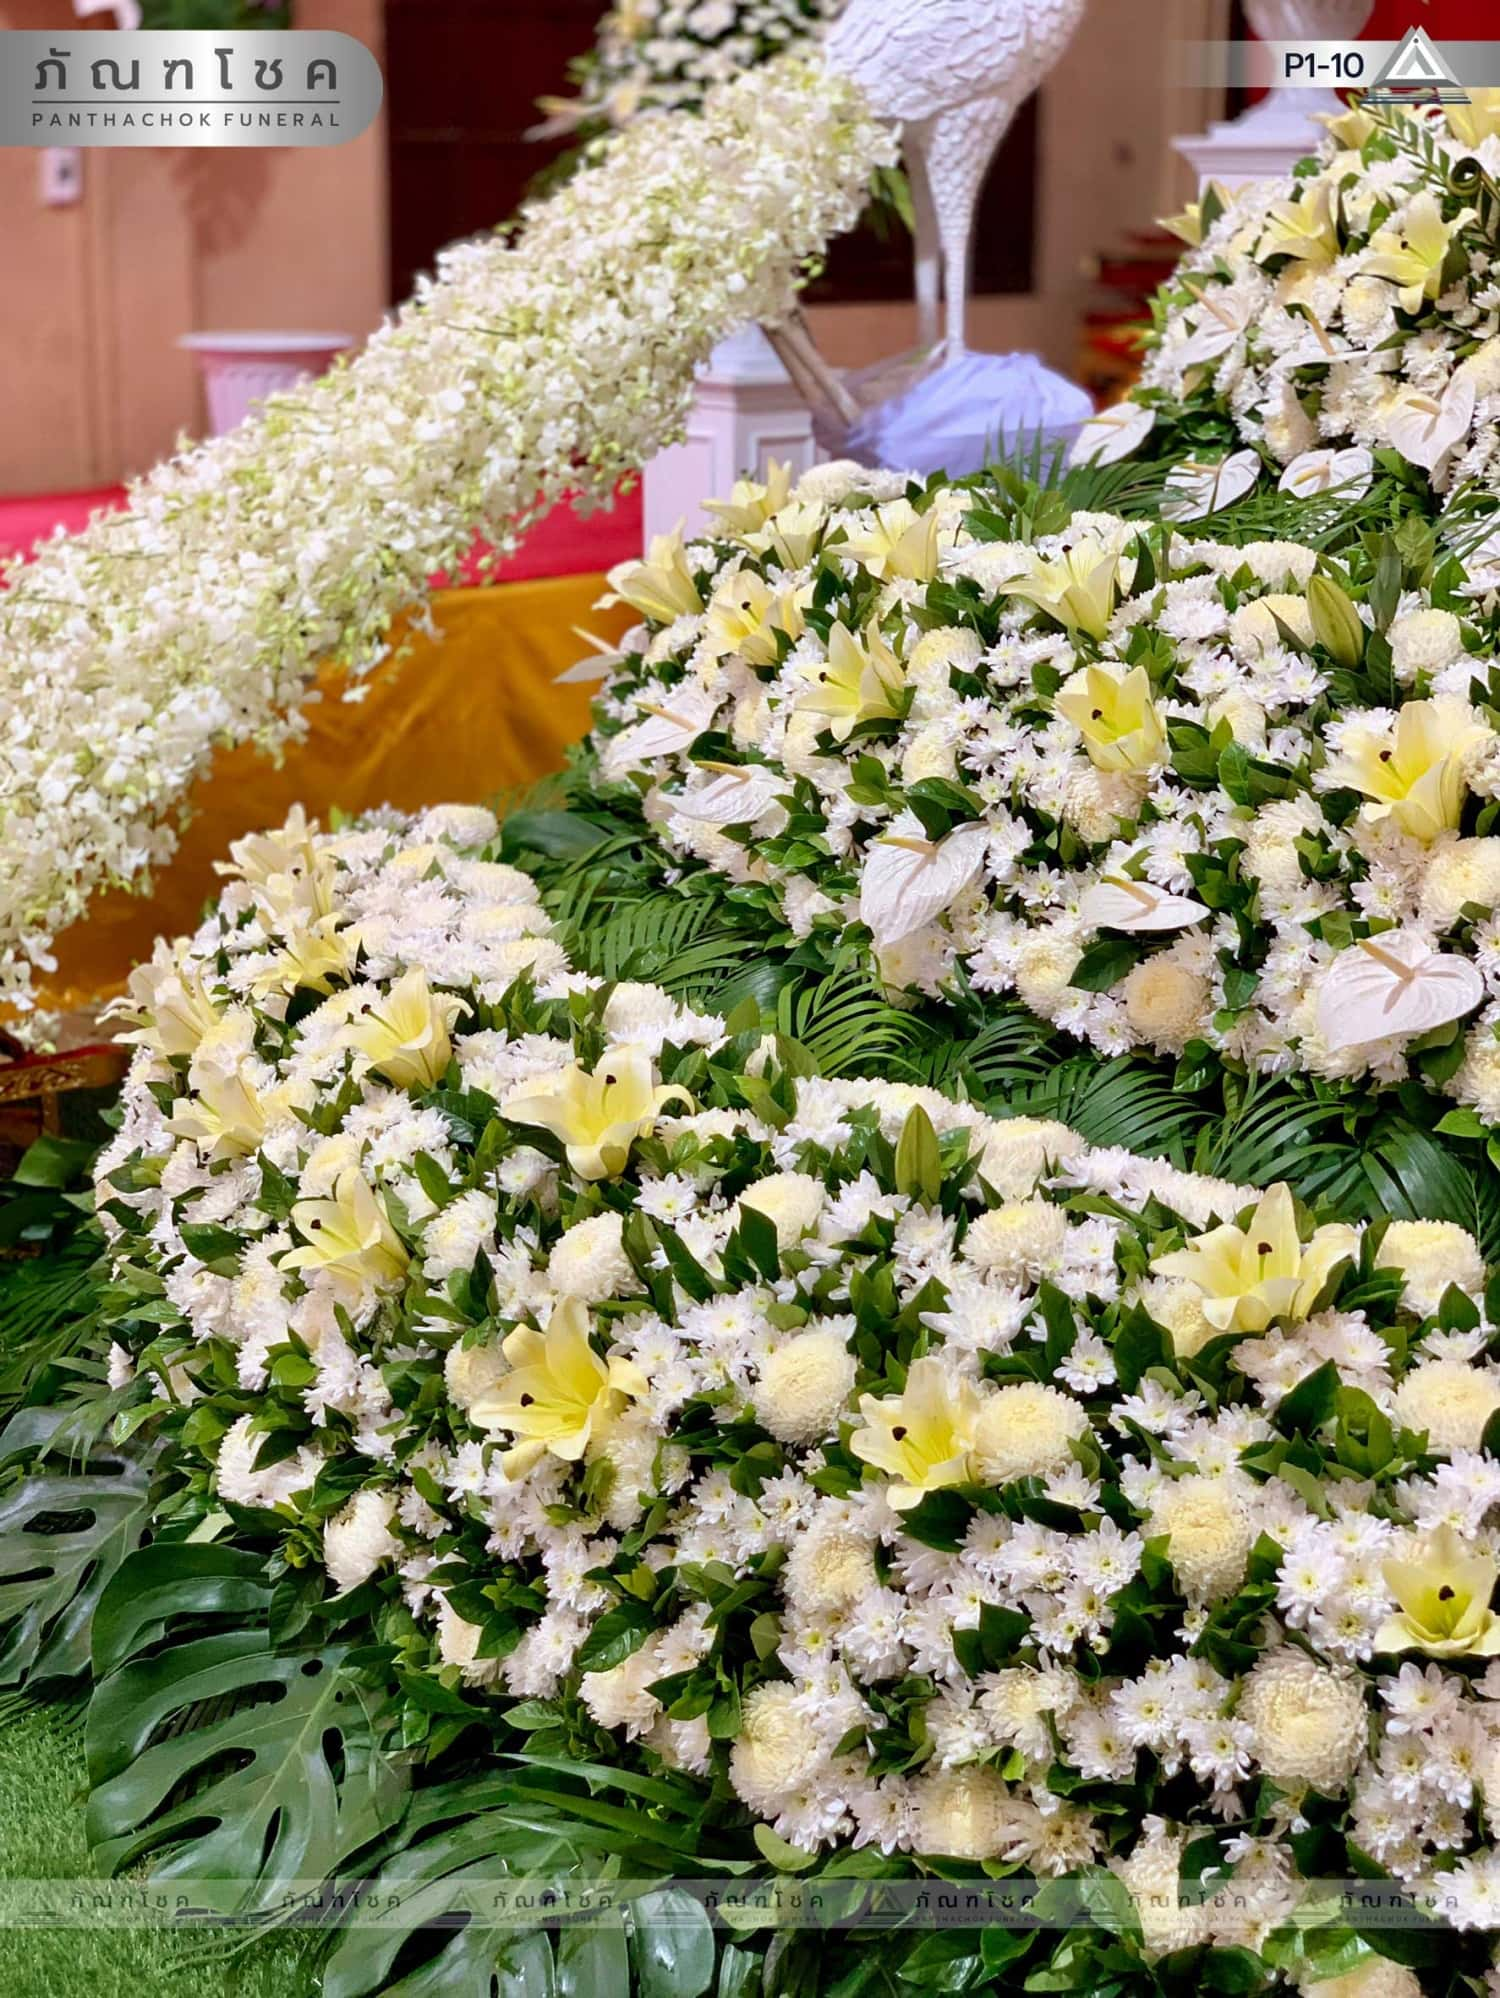 ดอกไม้หน้าศพ-ชุด-p1-10 42